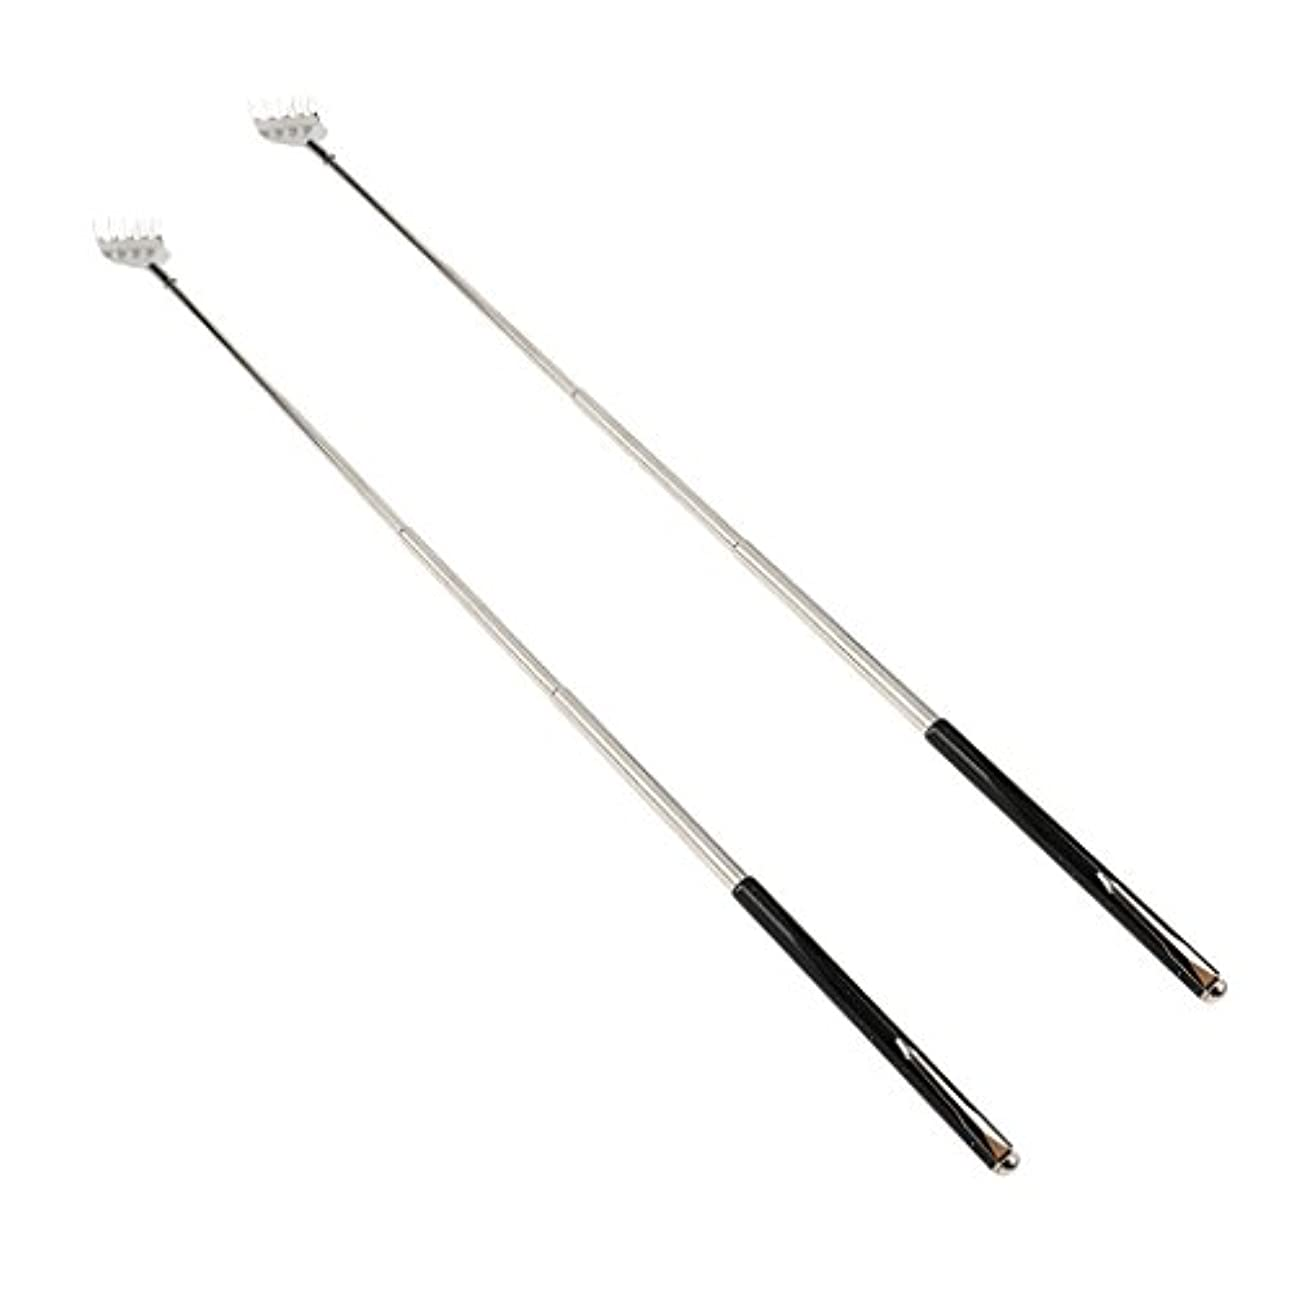 濃度シャッター光沢dailymall 2ピースバックスクラッチャー伸縮式爪拡張可能なかゆみハンドマッサージペンフック付き